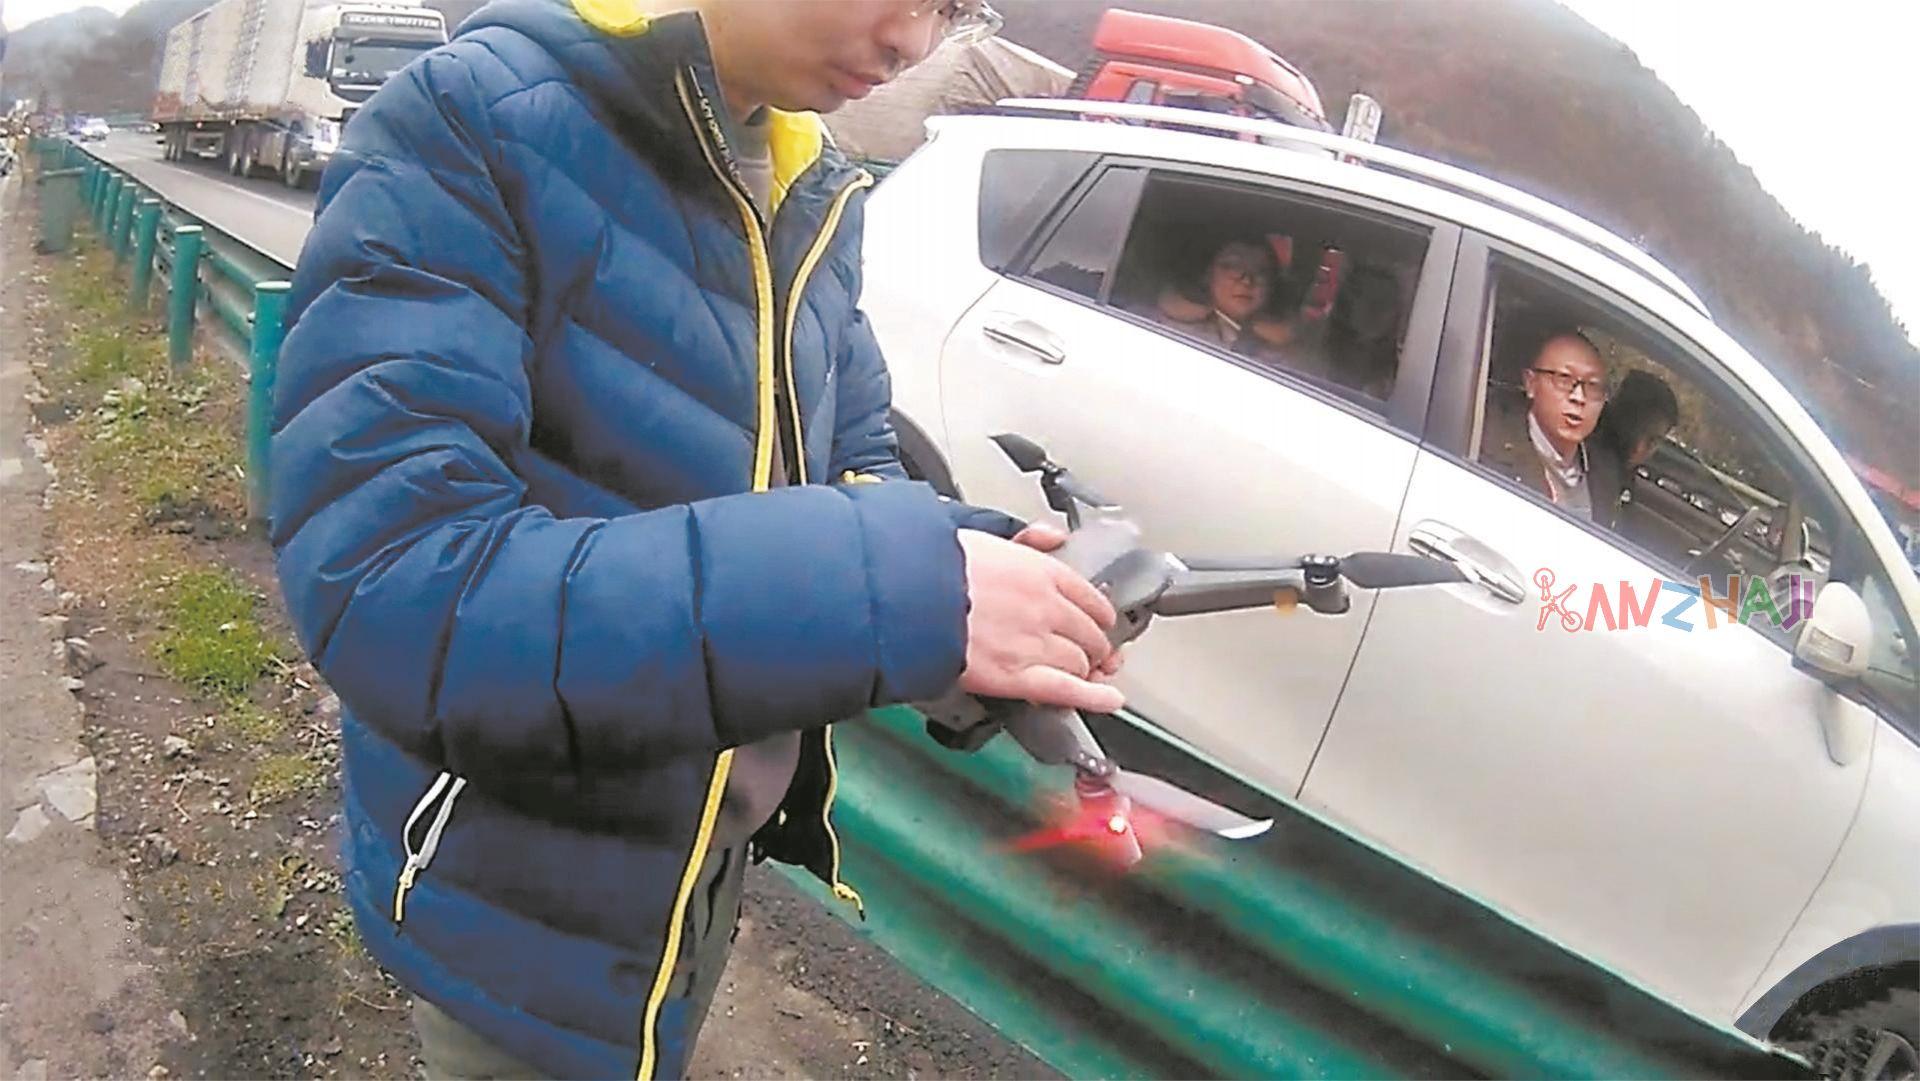 高速公路上男子用无人机查路况 奇葩行为受到记6分罚200元处罚